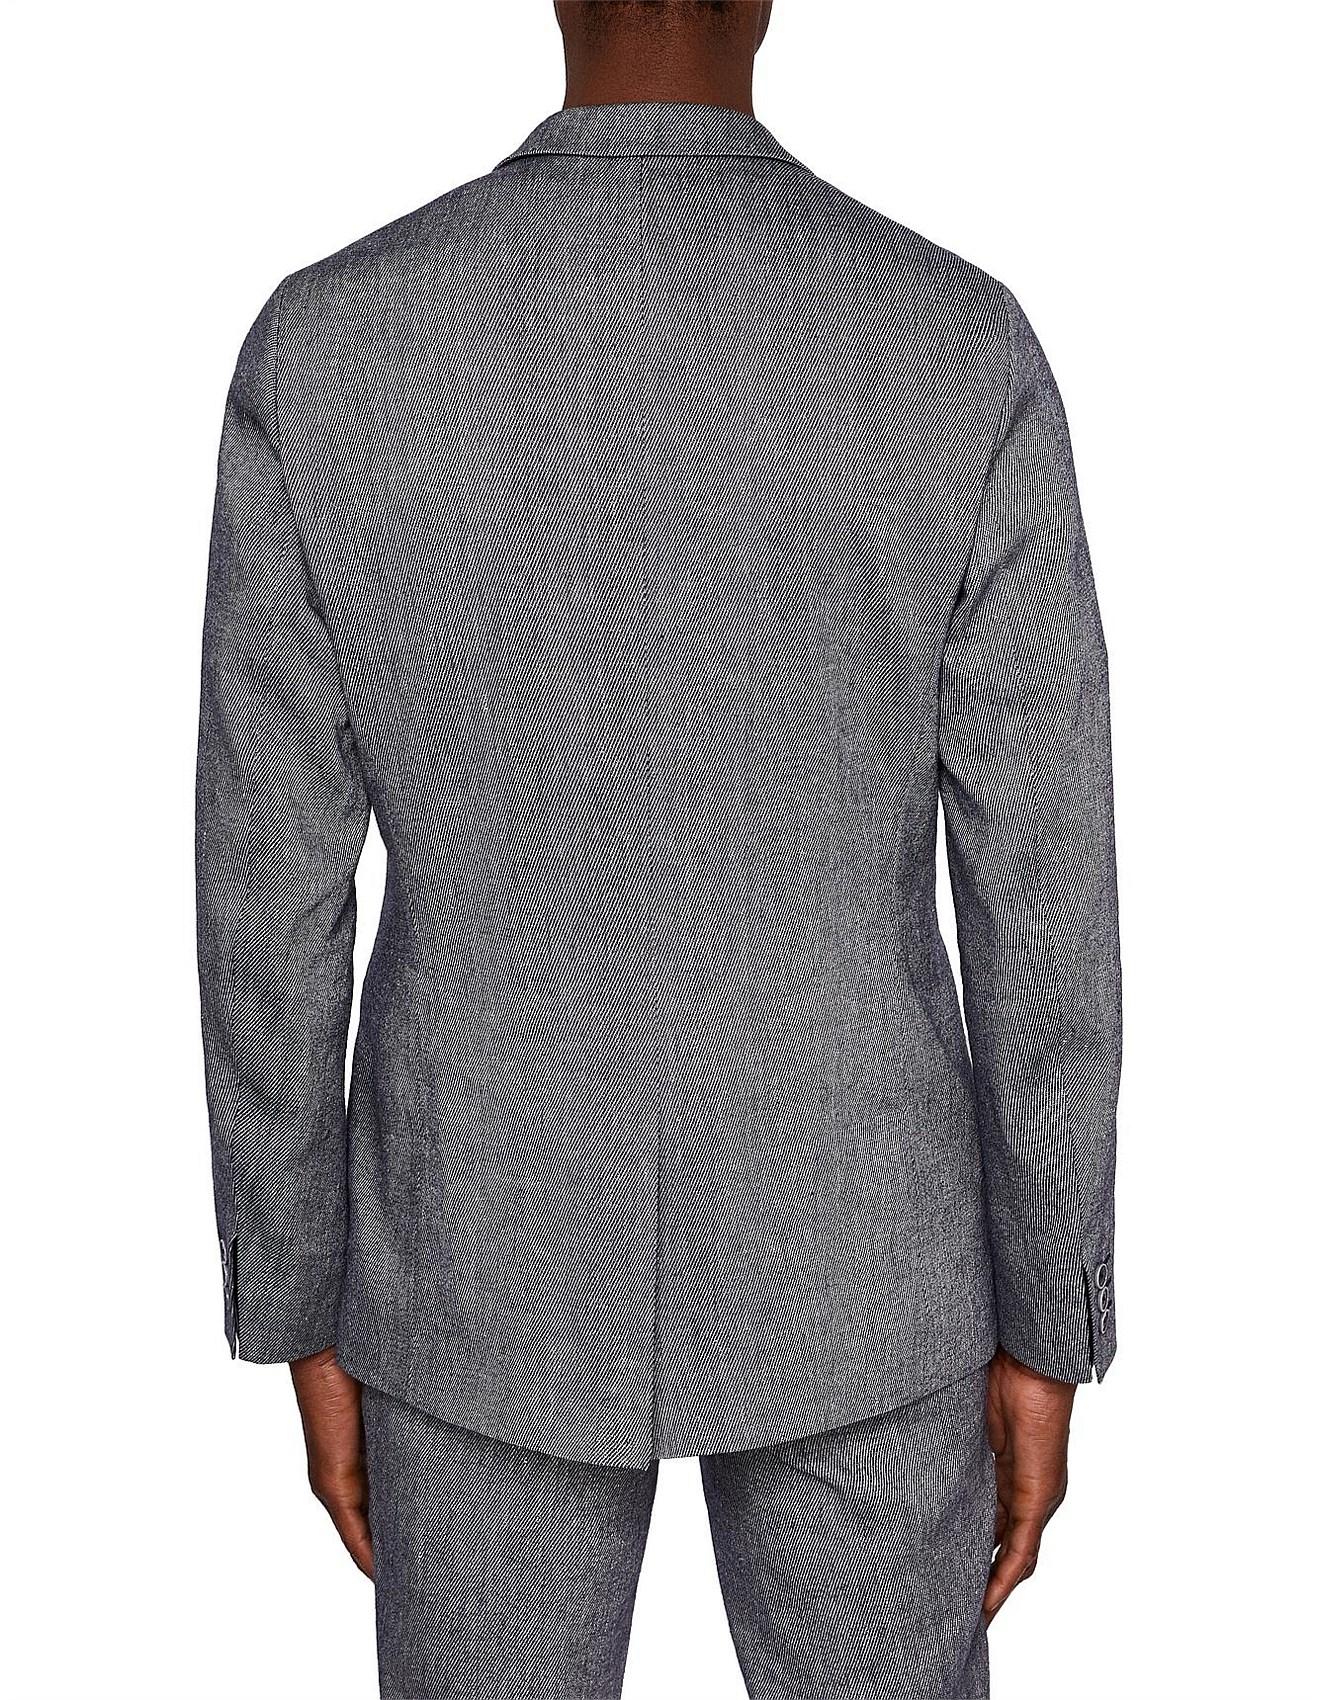 63a786889 Hines Textured Blazer. 1